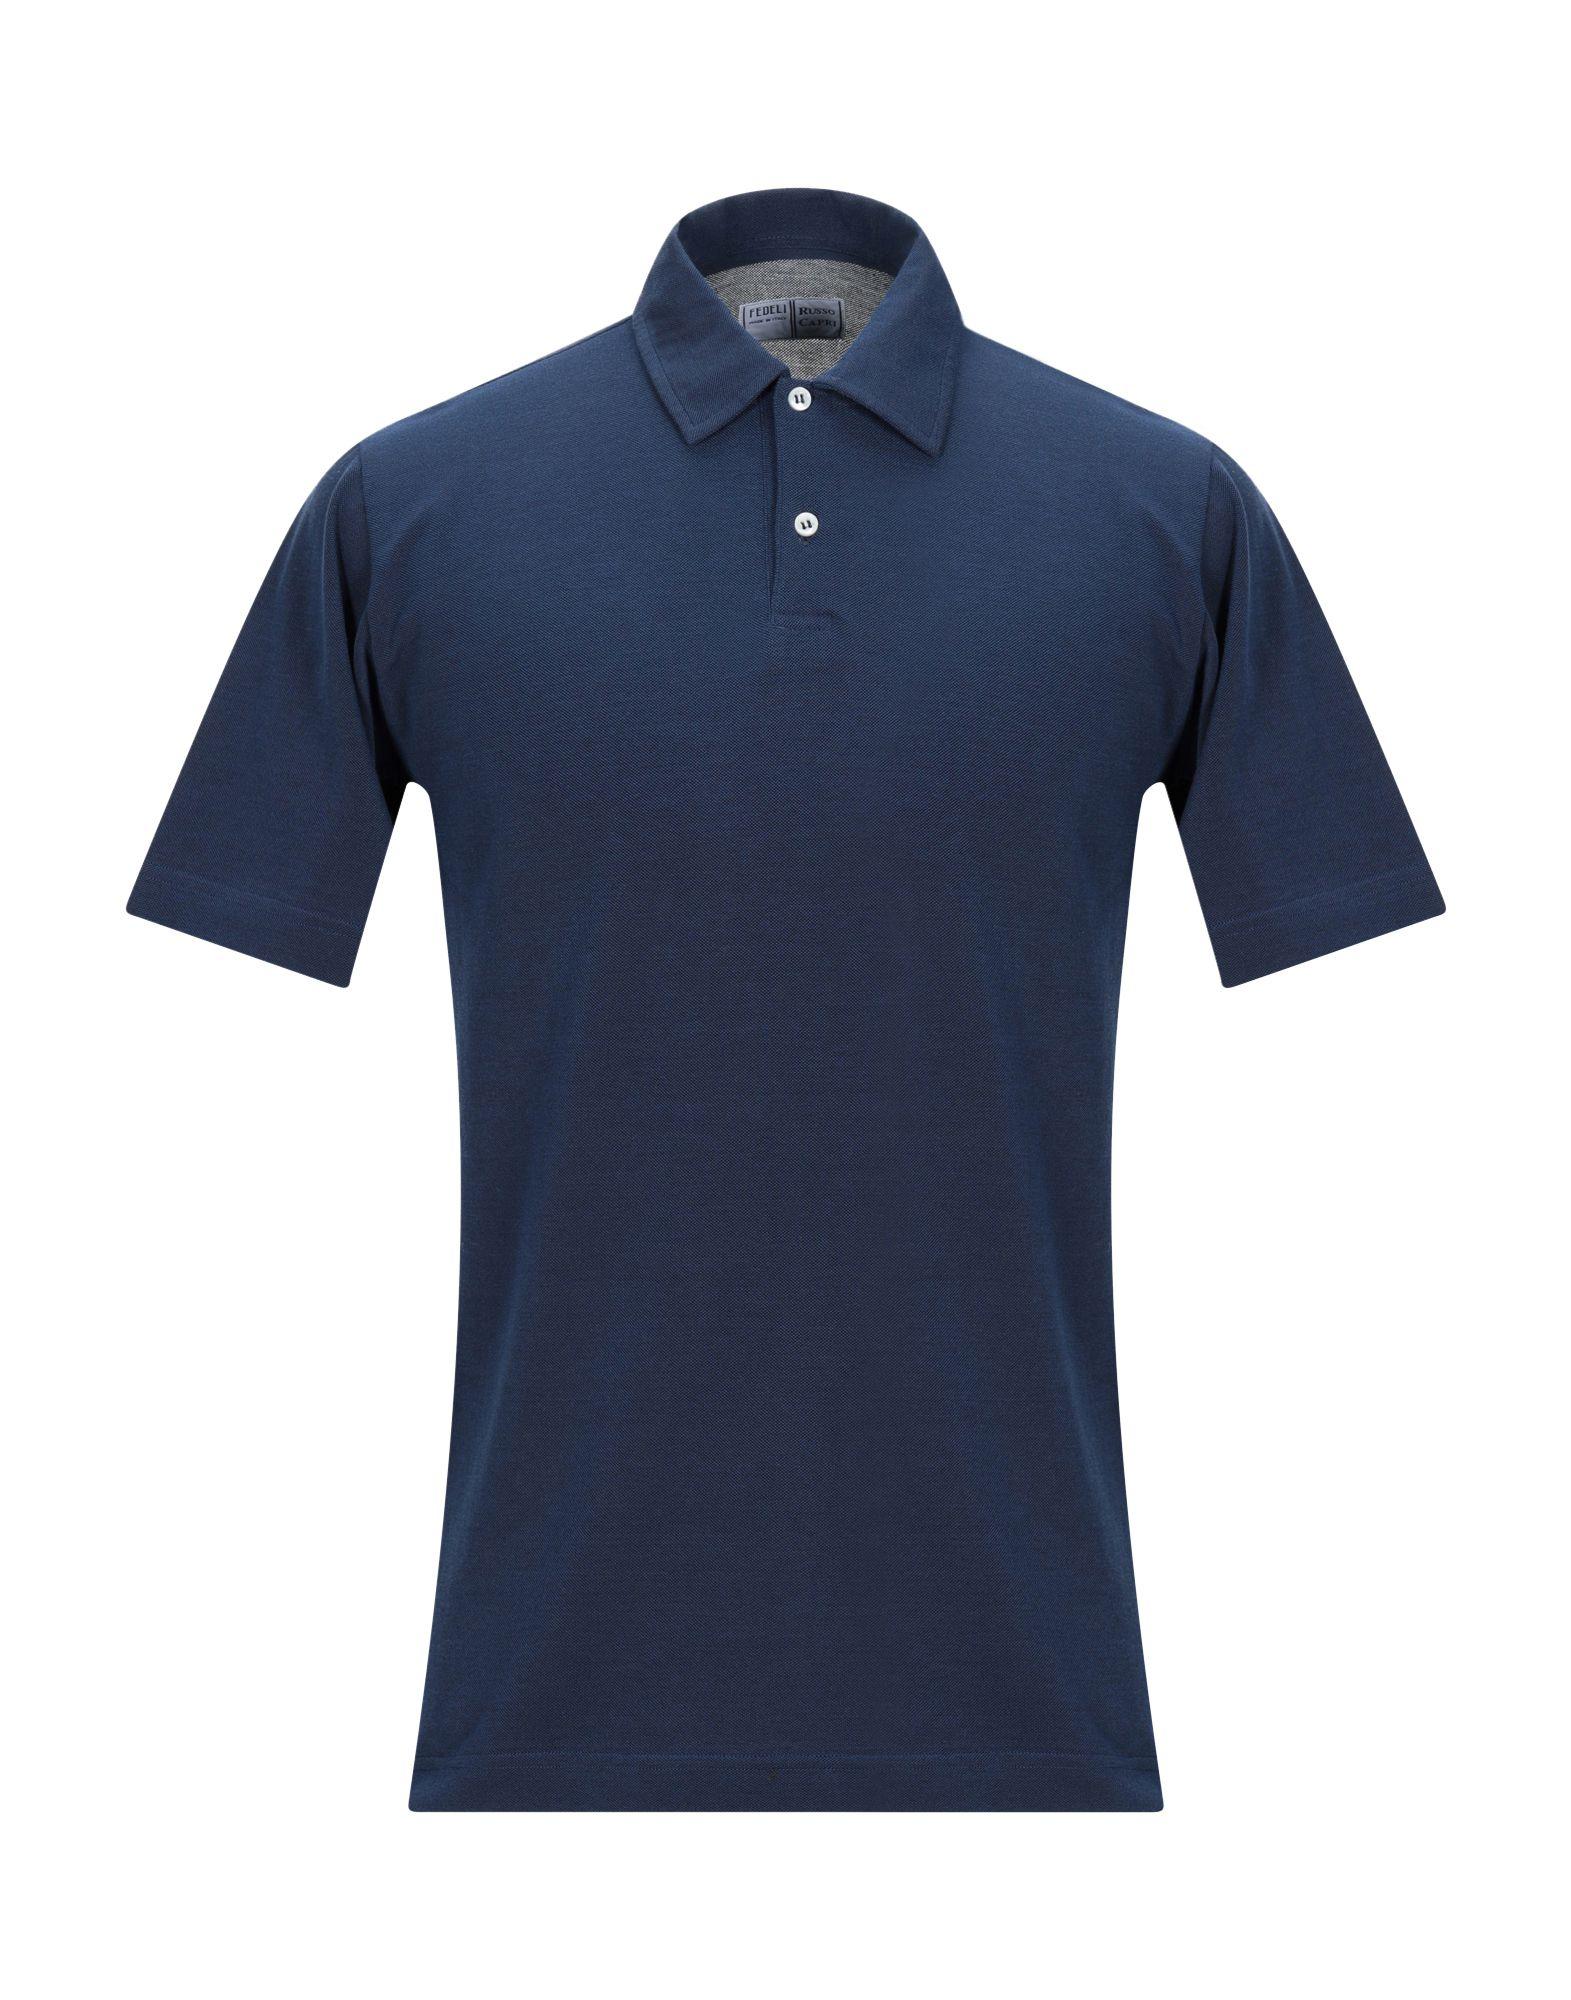 《期間限定セール中》FEDELI メンズ ポロシャツ ブルー 48 コットン 100%